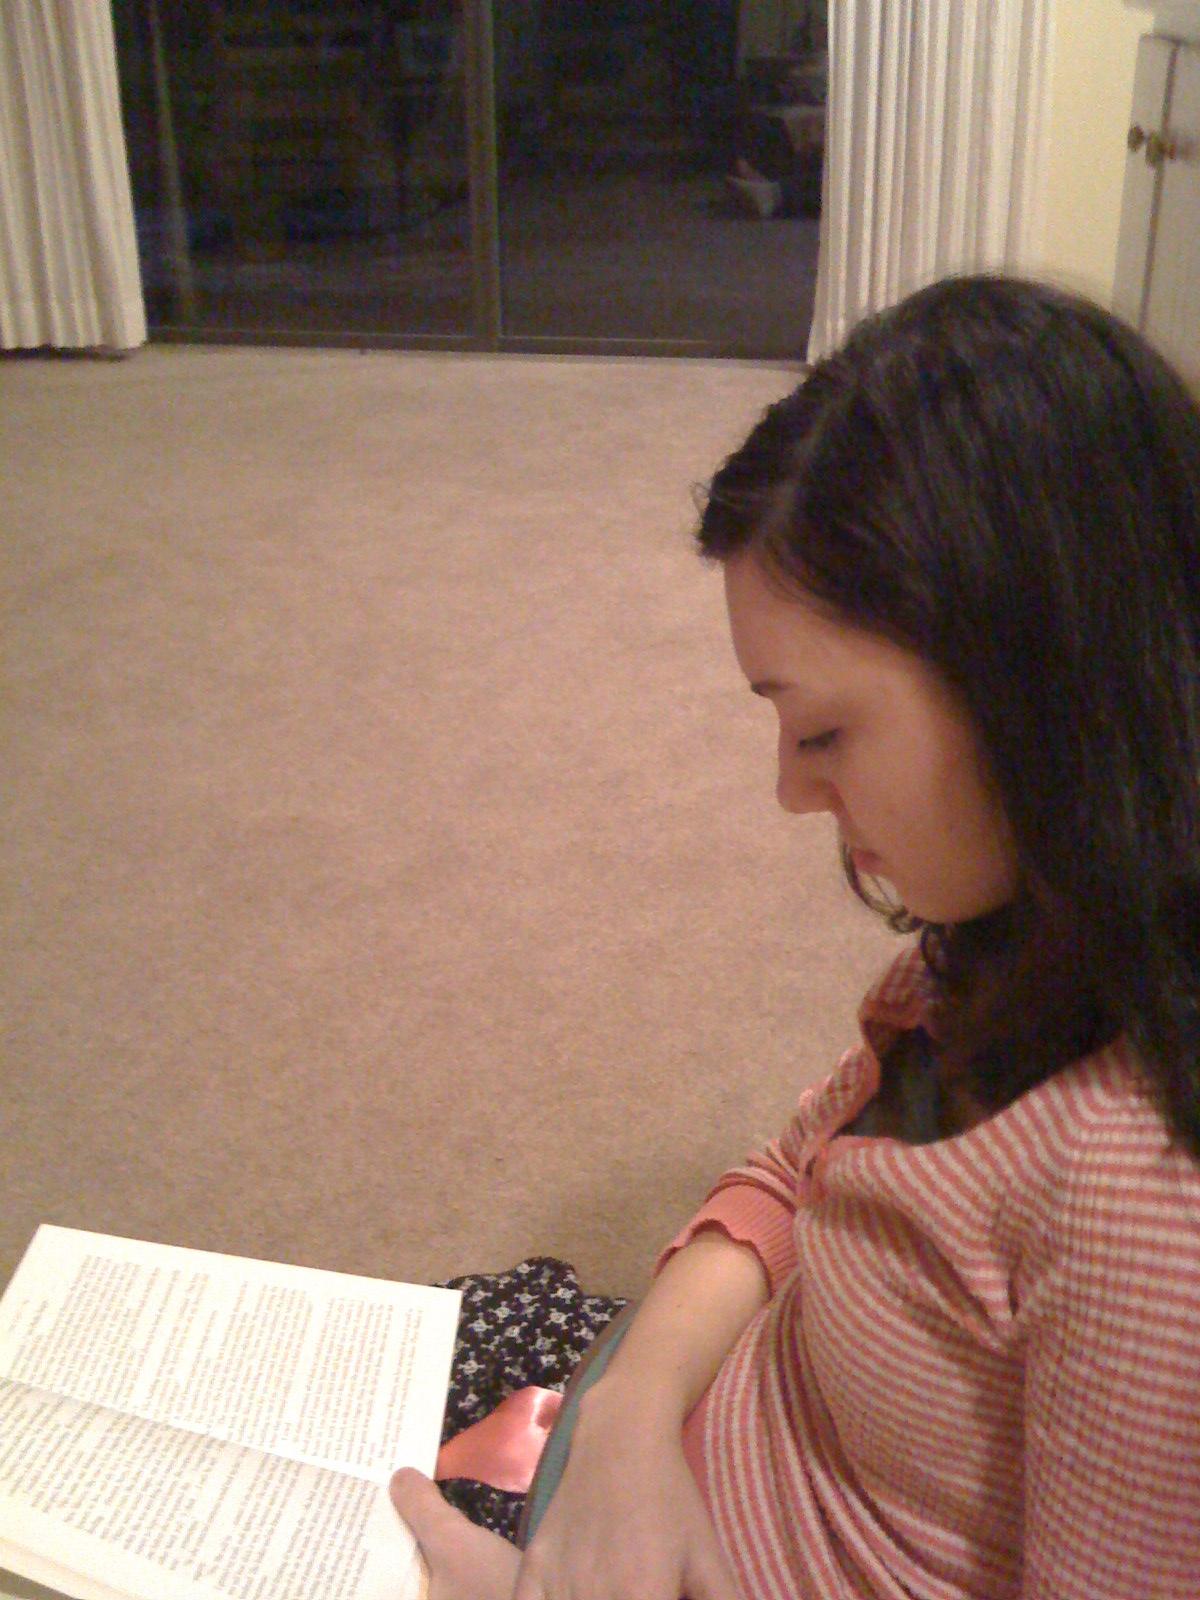 http://3.bp.blogspot.com/_DDeQfljlnJk/TGFw6C-f2nI/AAAAAAAAAhs/KLekULw_7dc/s1600/IMG_0228.JPG